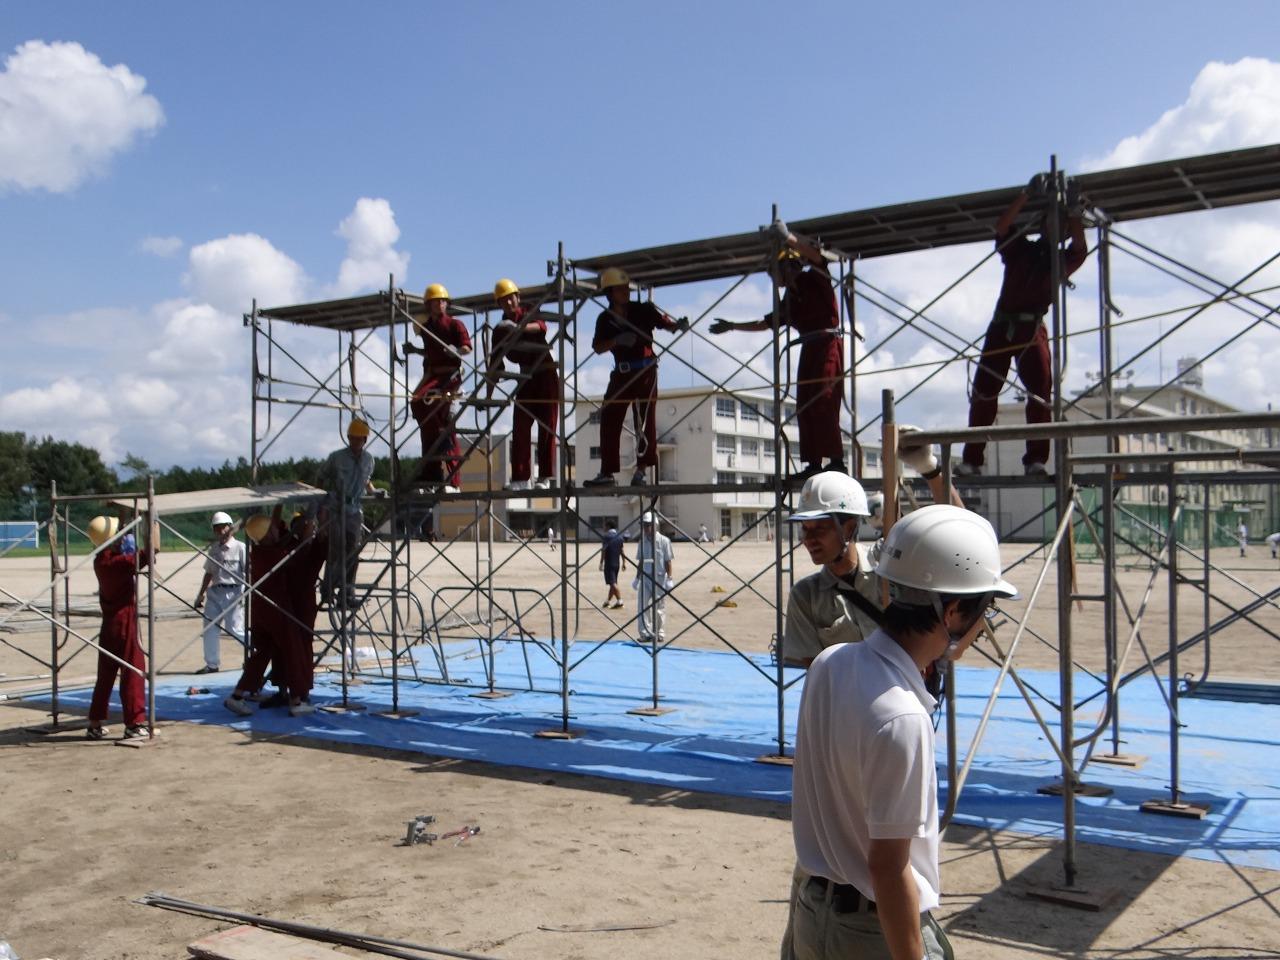 Cần xây lắp thiết bị giàn giáo kiên cố khi khoan cắt bê tông Cầu GIấy